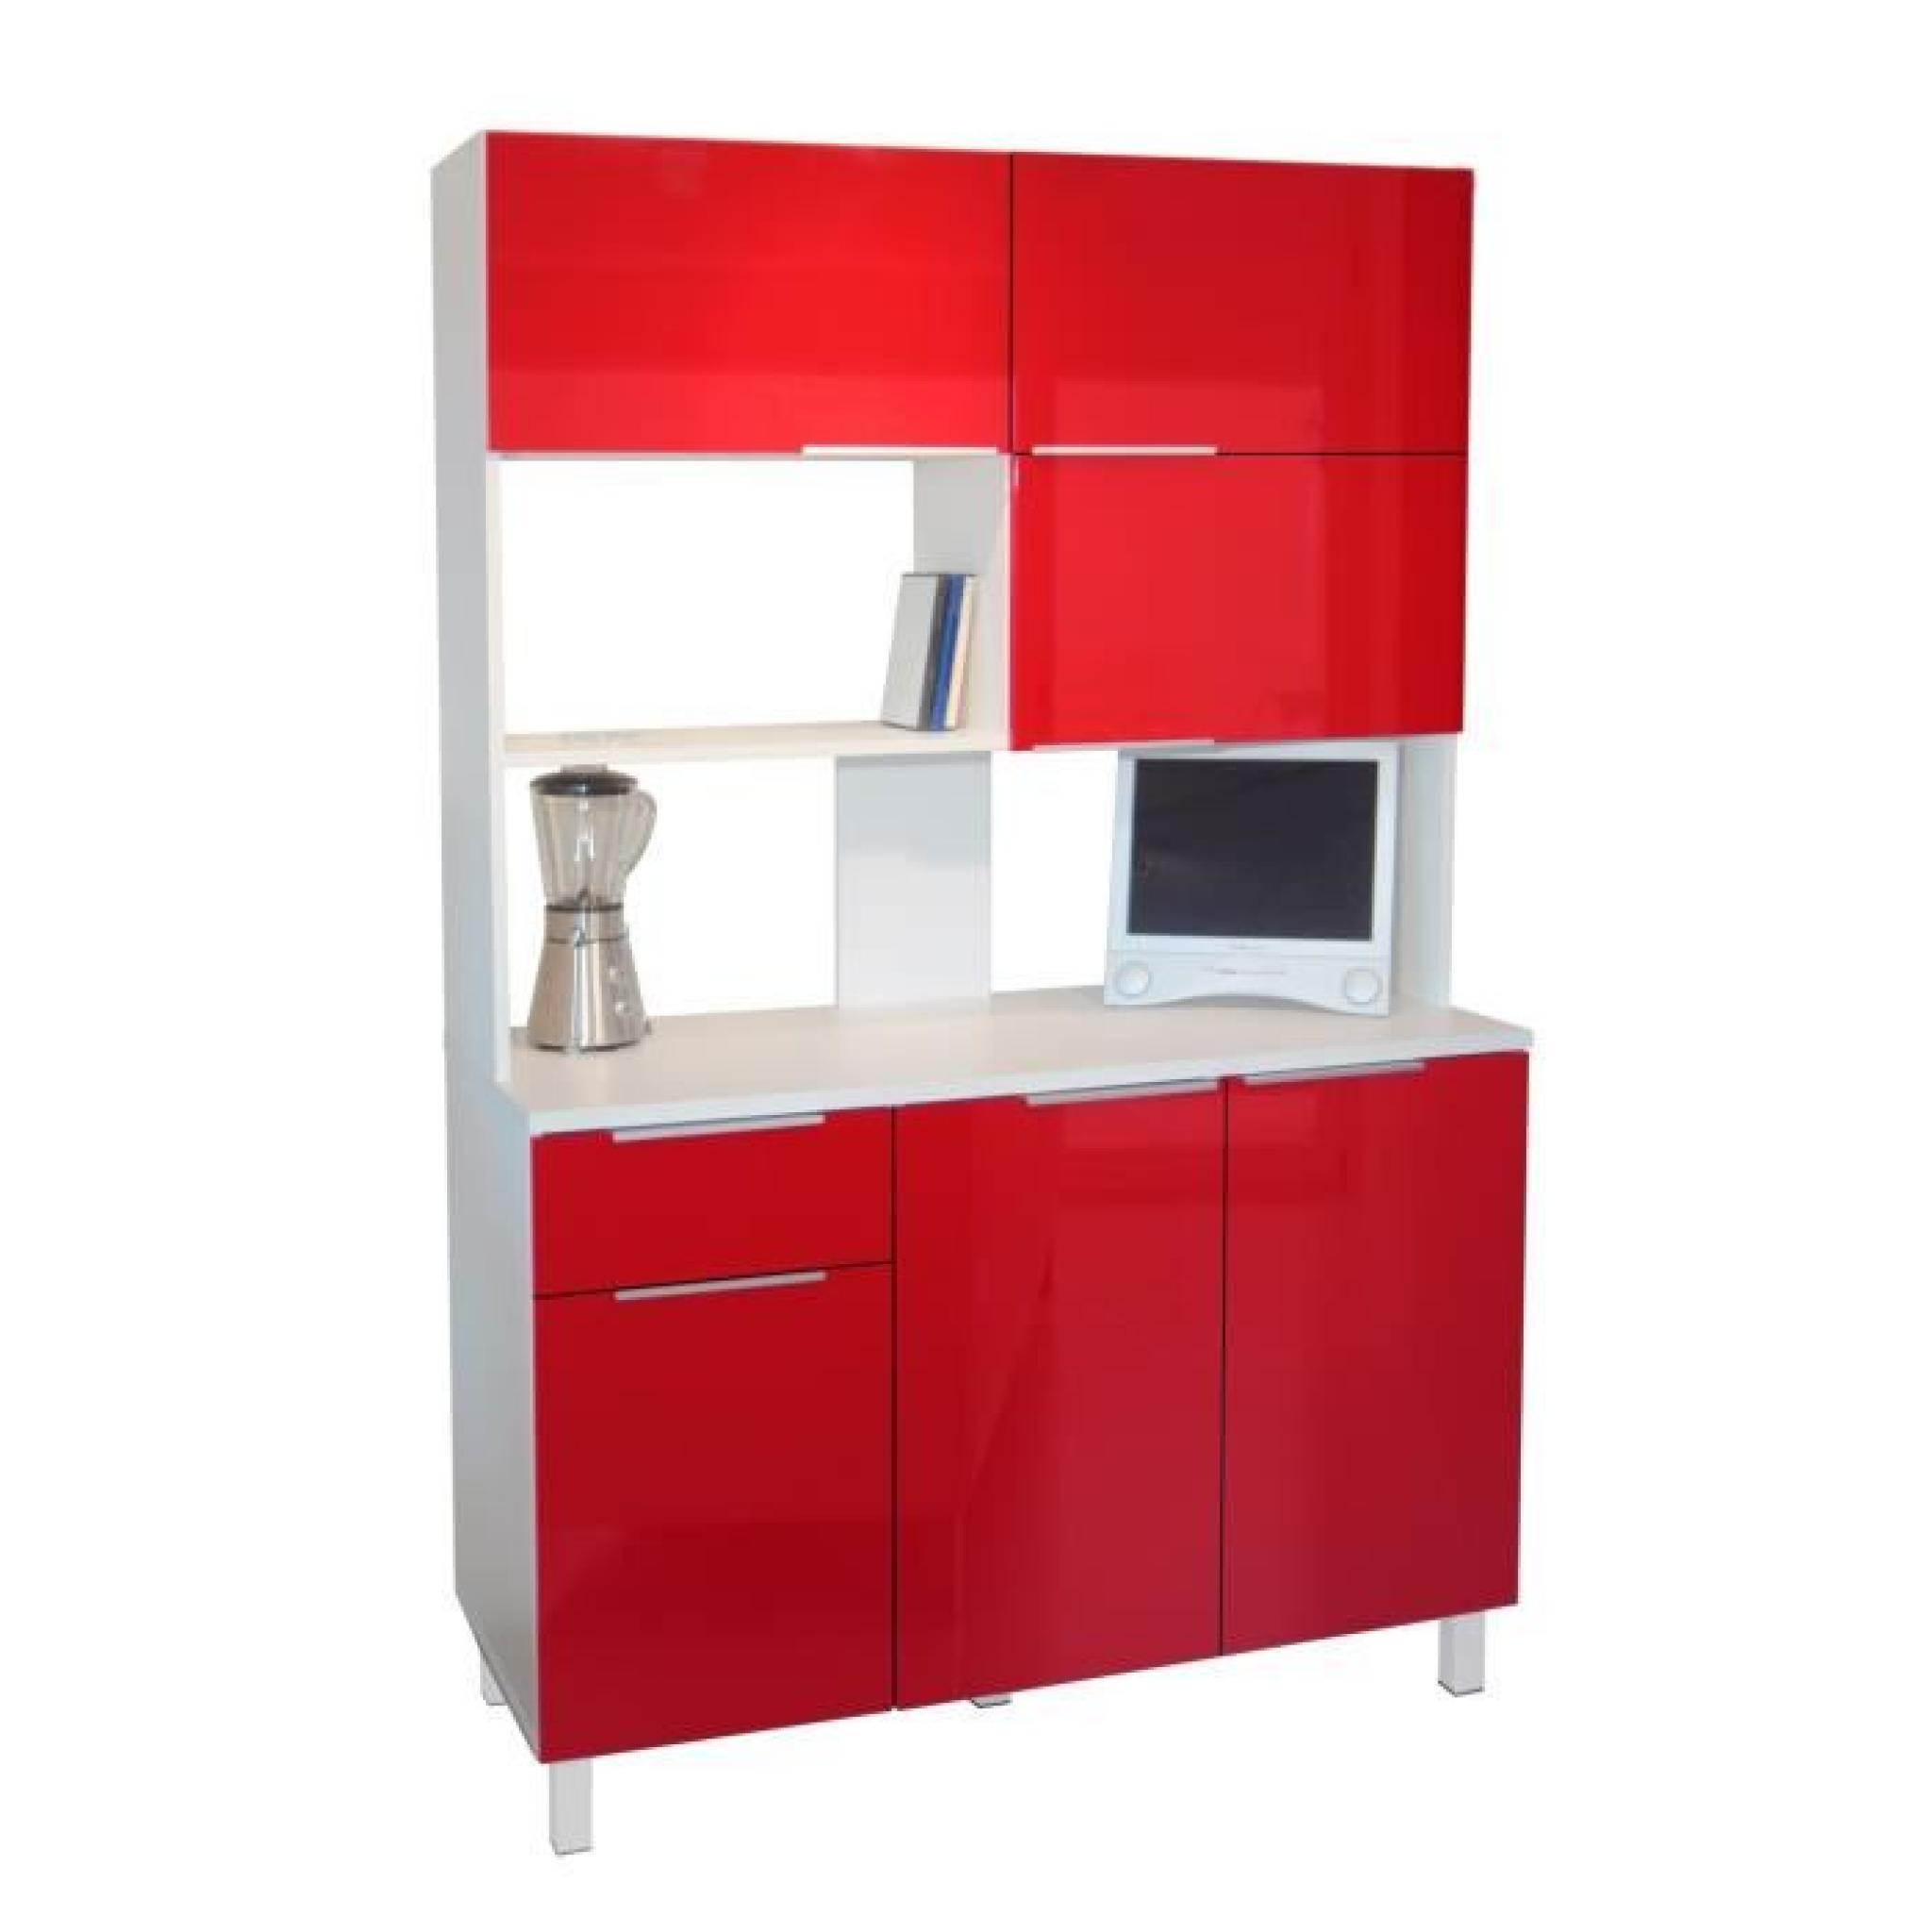 lova buffet de cuisine 120 cm rouge haute brillance achat vente buffet de cuisine pas cher. Black Bedroom Furniture Sets. Home Design Ideas